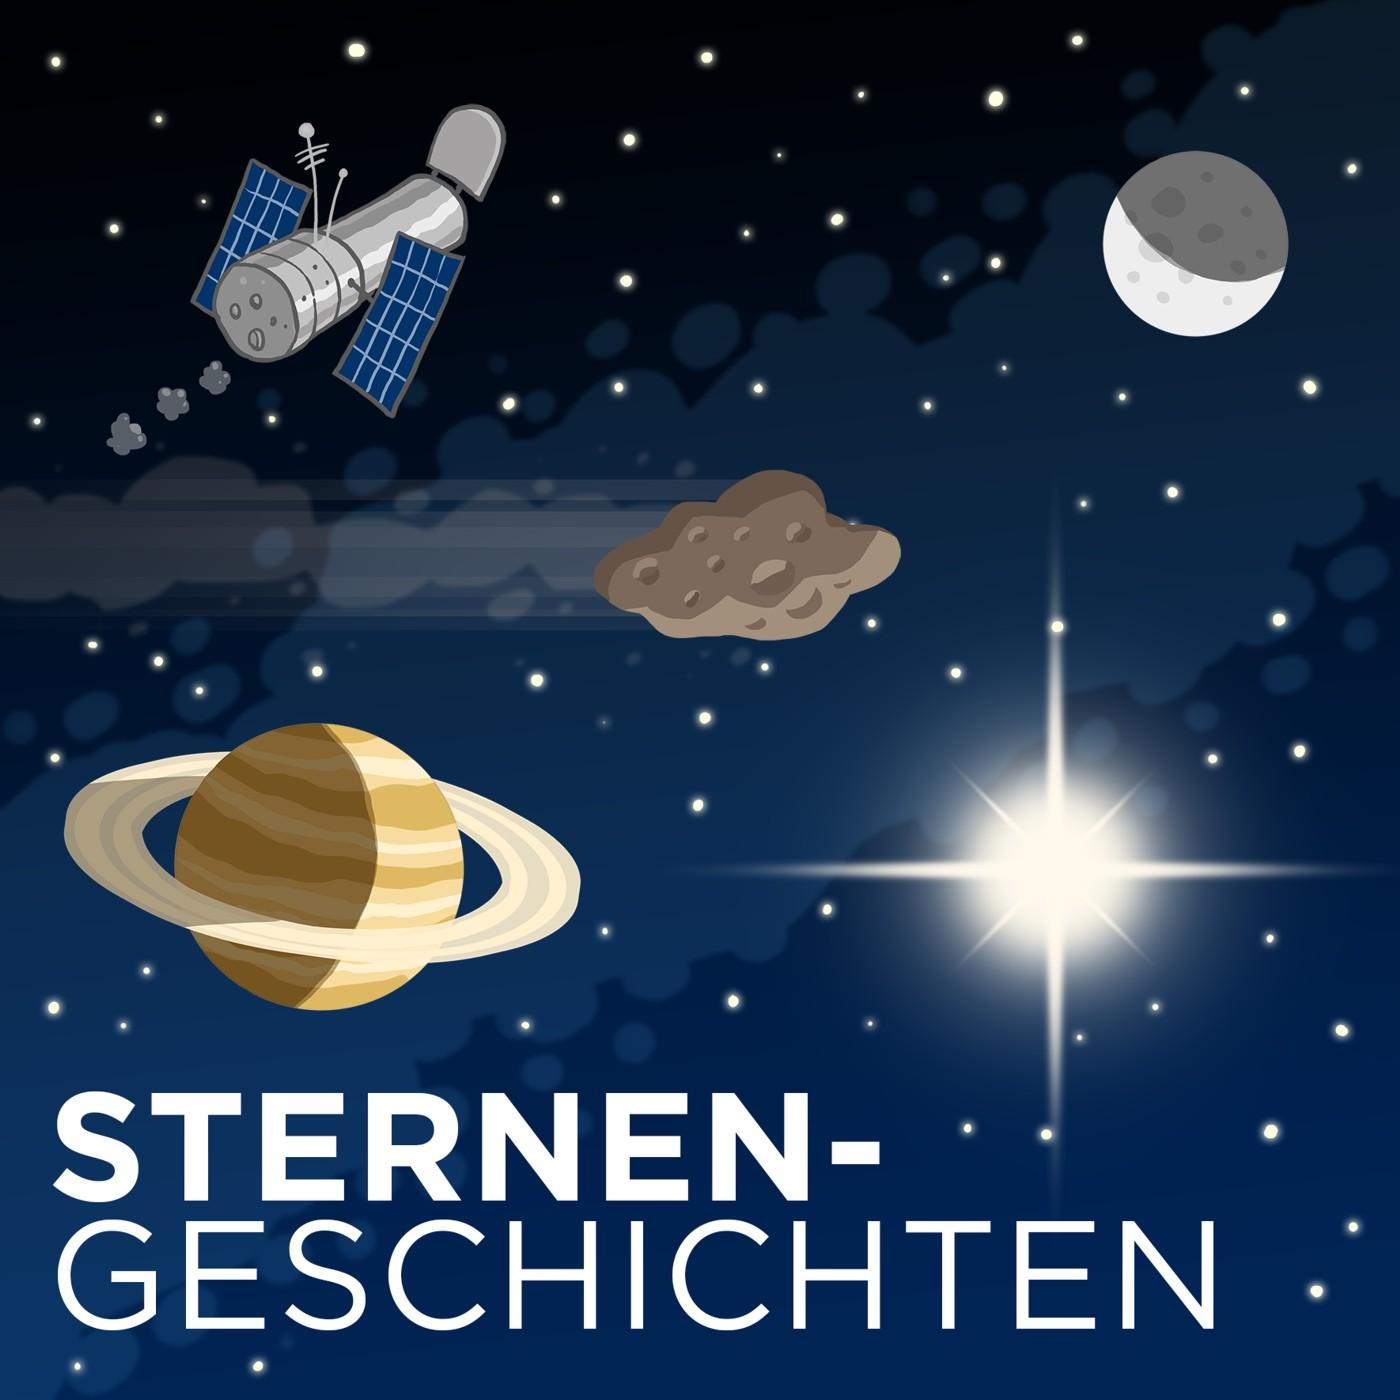 Sternengeschichten Folge 406: Cygnus X-1